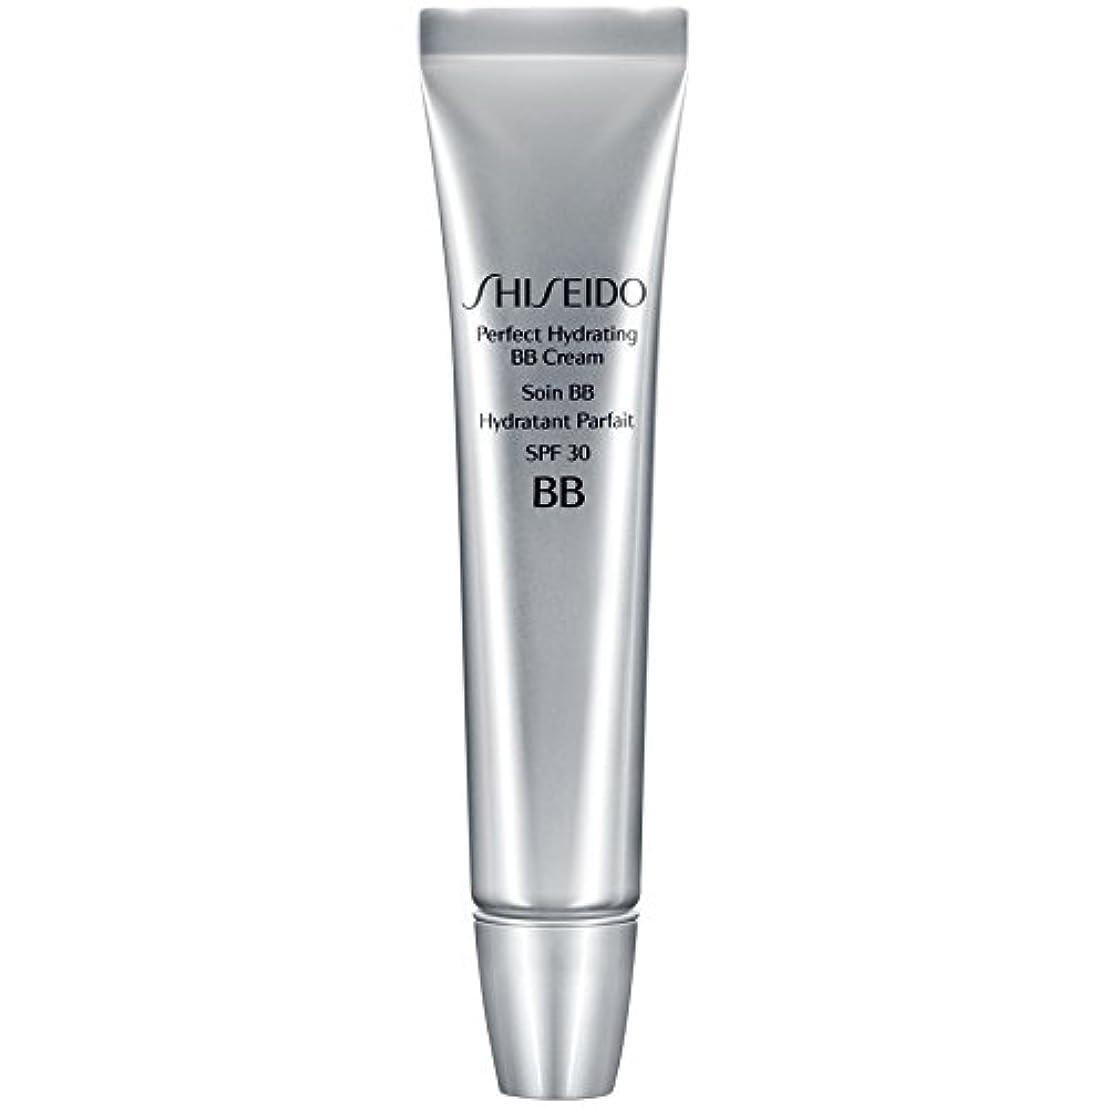 噂メンター仮定する[Shiseido ] 資生堂完璧な水和BbクリームSpf 30 30ミリリットルの暗いです - Shiseido Perfect Hydrating BB Cream SPF 30 30ml Dark [並行輸入品]